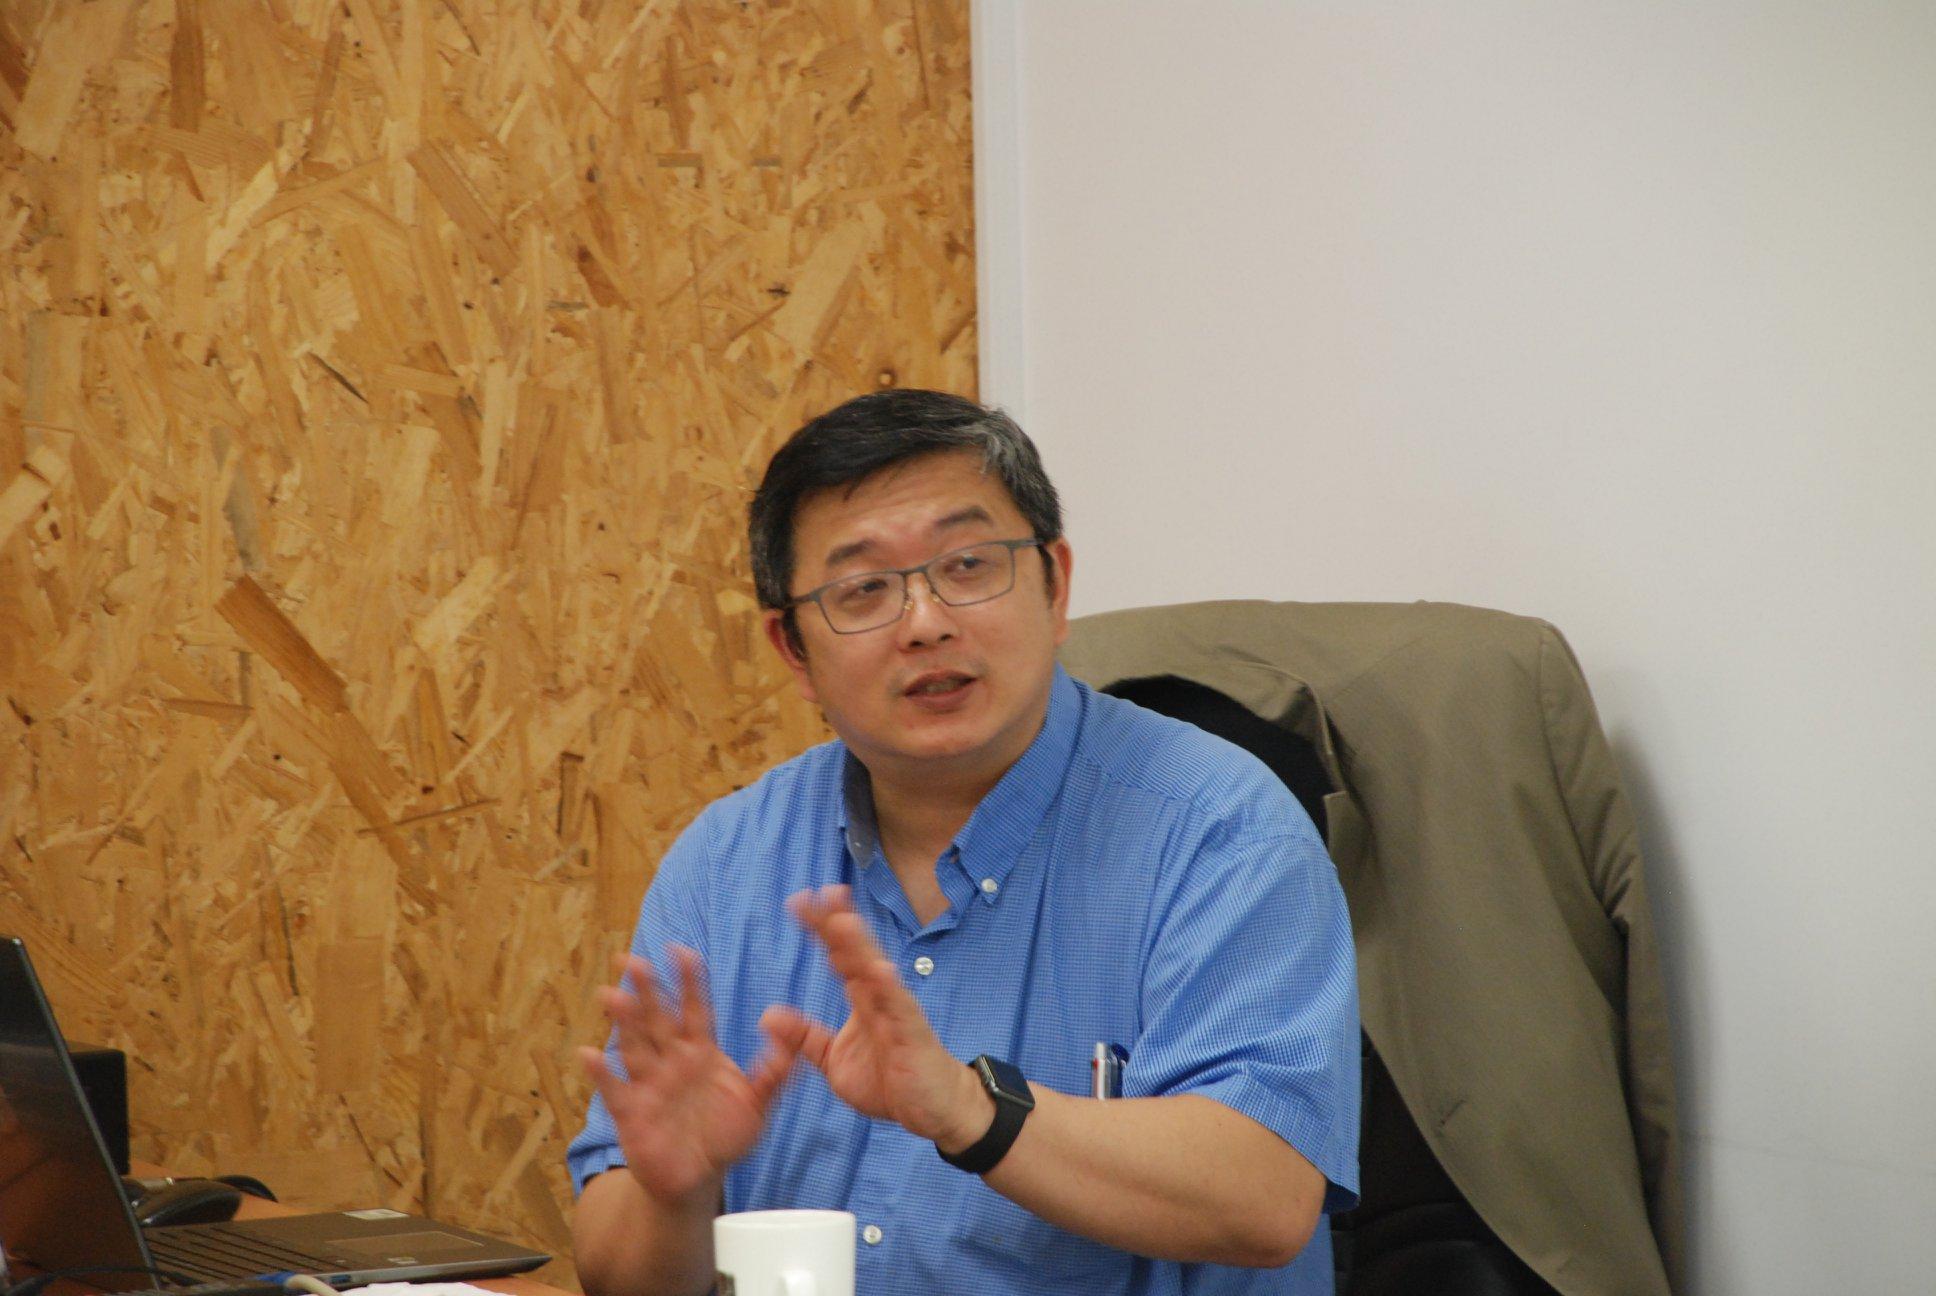 劉國威教授演講「從故宮的文物看明代宮廷的漢藏佛教交流」紀要